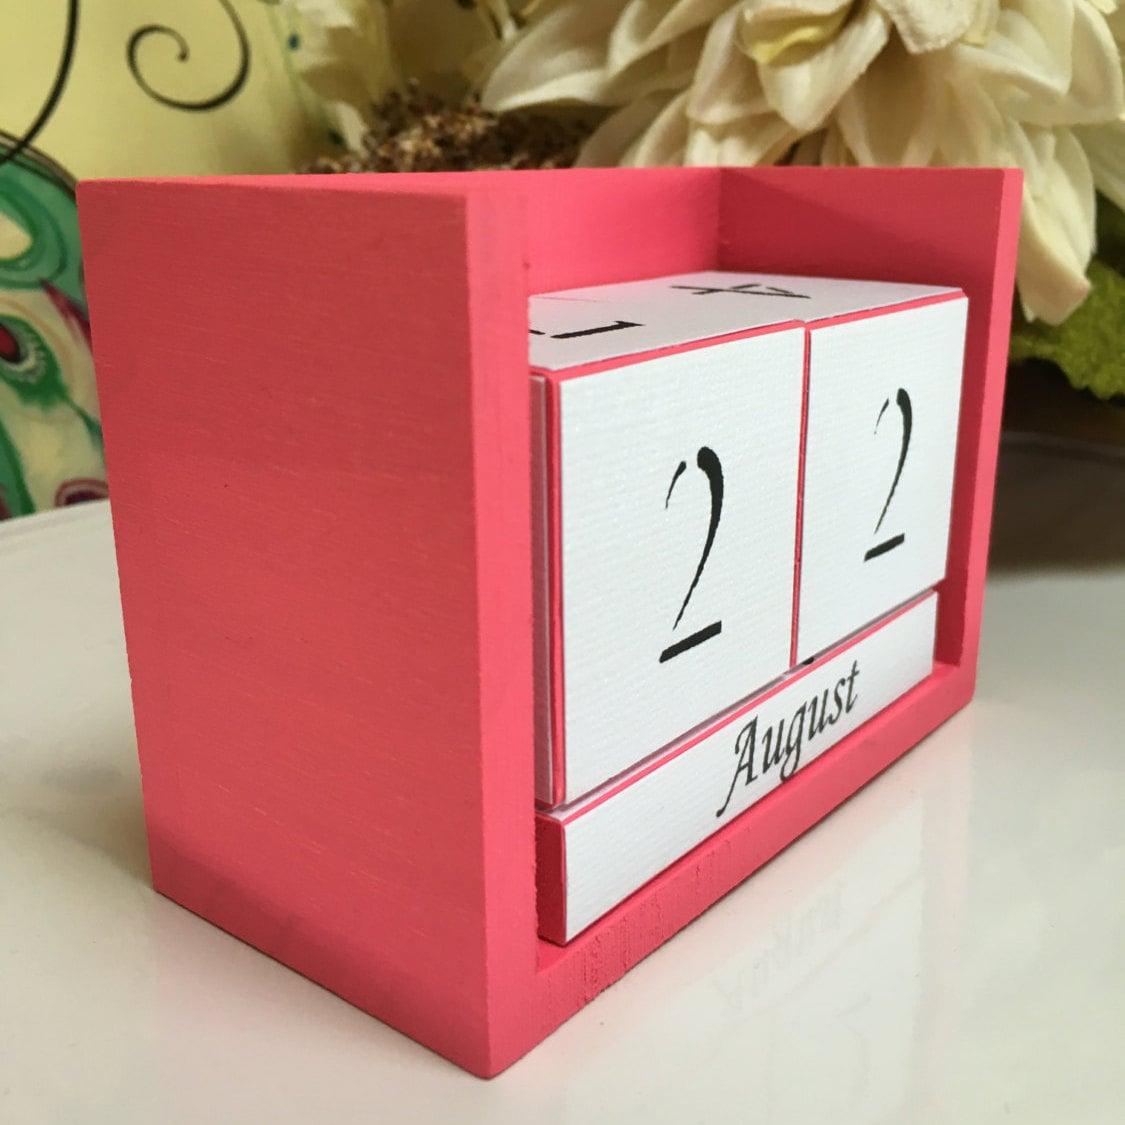 Calendar Wooden Blocks : Perpetual desk calendar wooden block hot pink